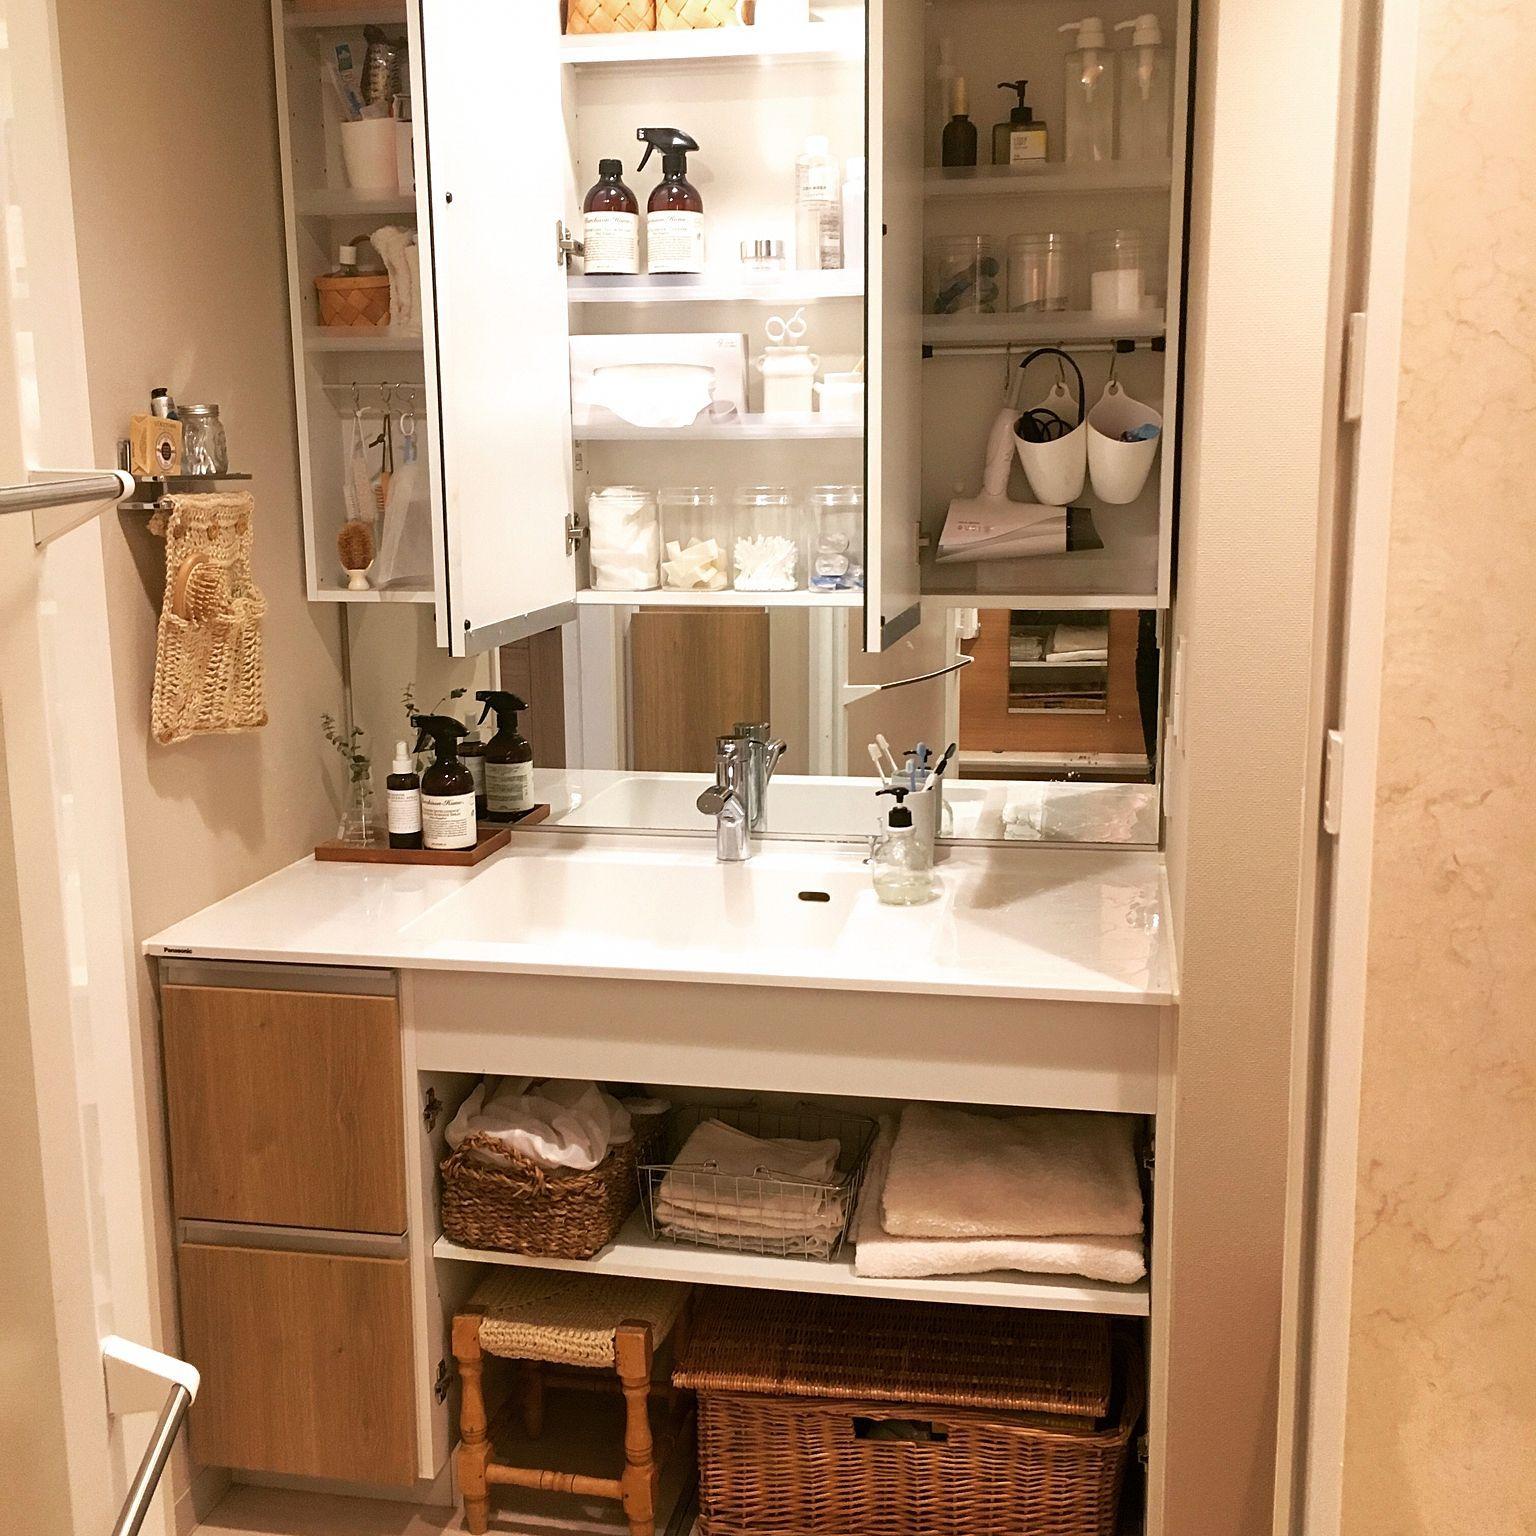 洗面台収納アイデア集 スッキリ収納すればもっと使いやすい 収納 アイデア 洗面台 インテリア 収納